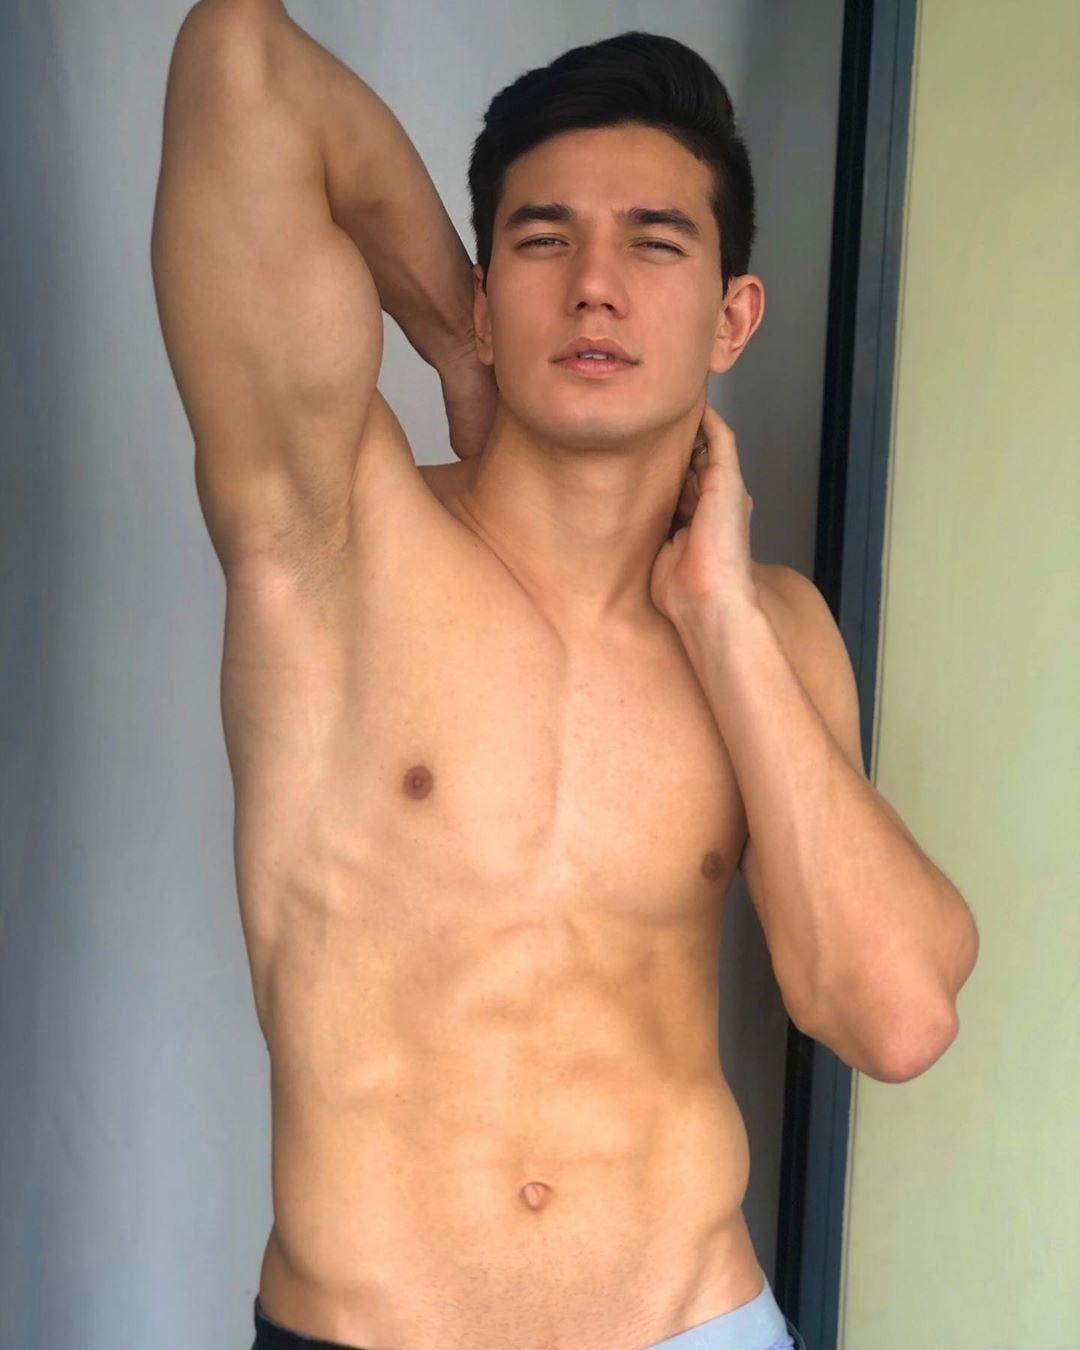 超帅的「语文老师」肌肉挤爆西装,肌肉照被网民疯狂宣传!